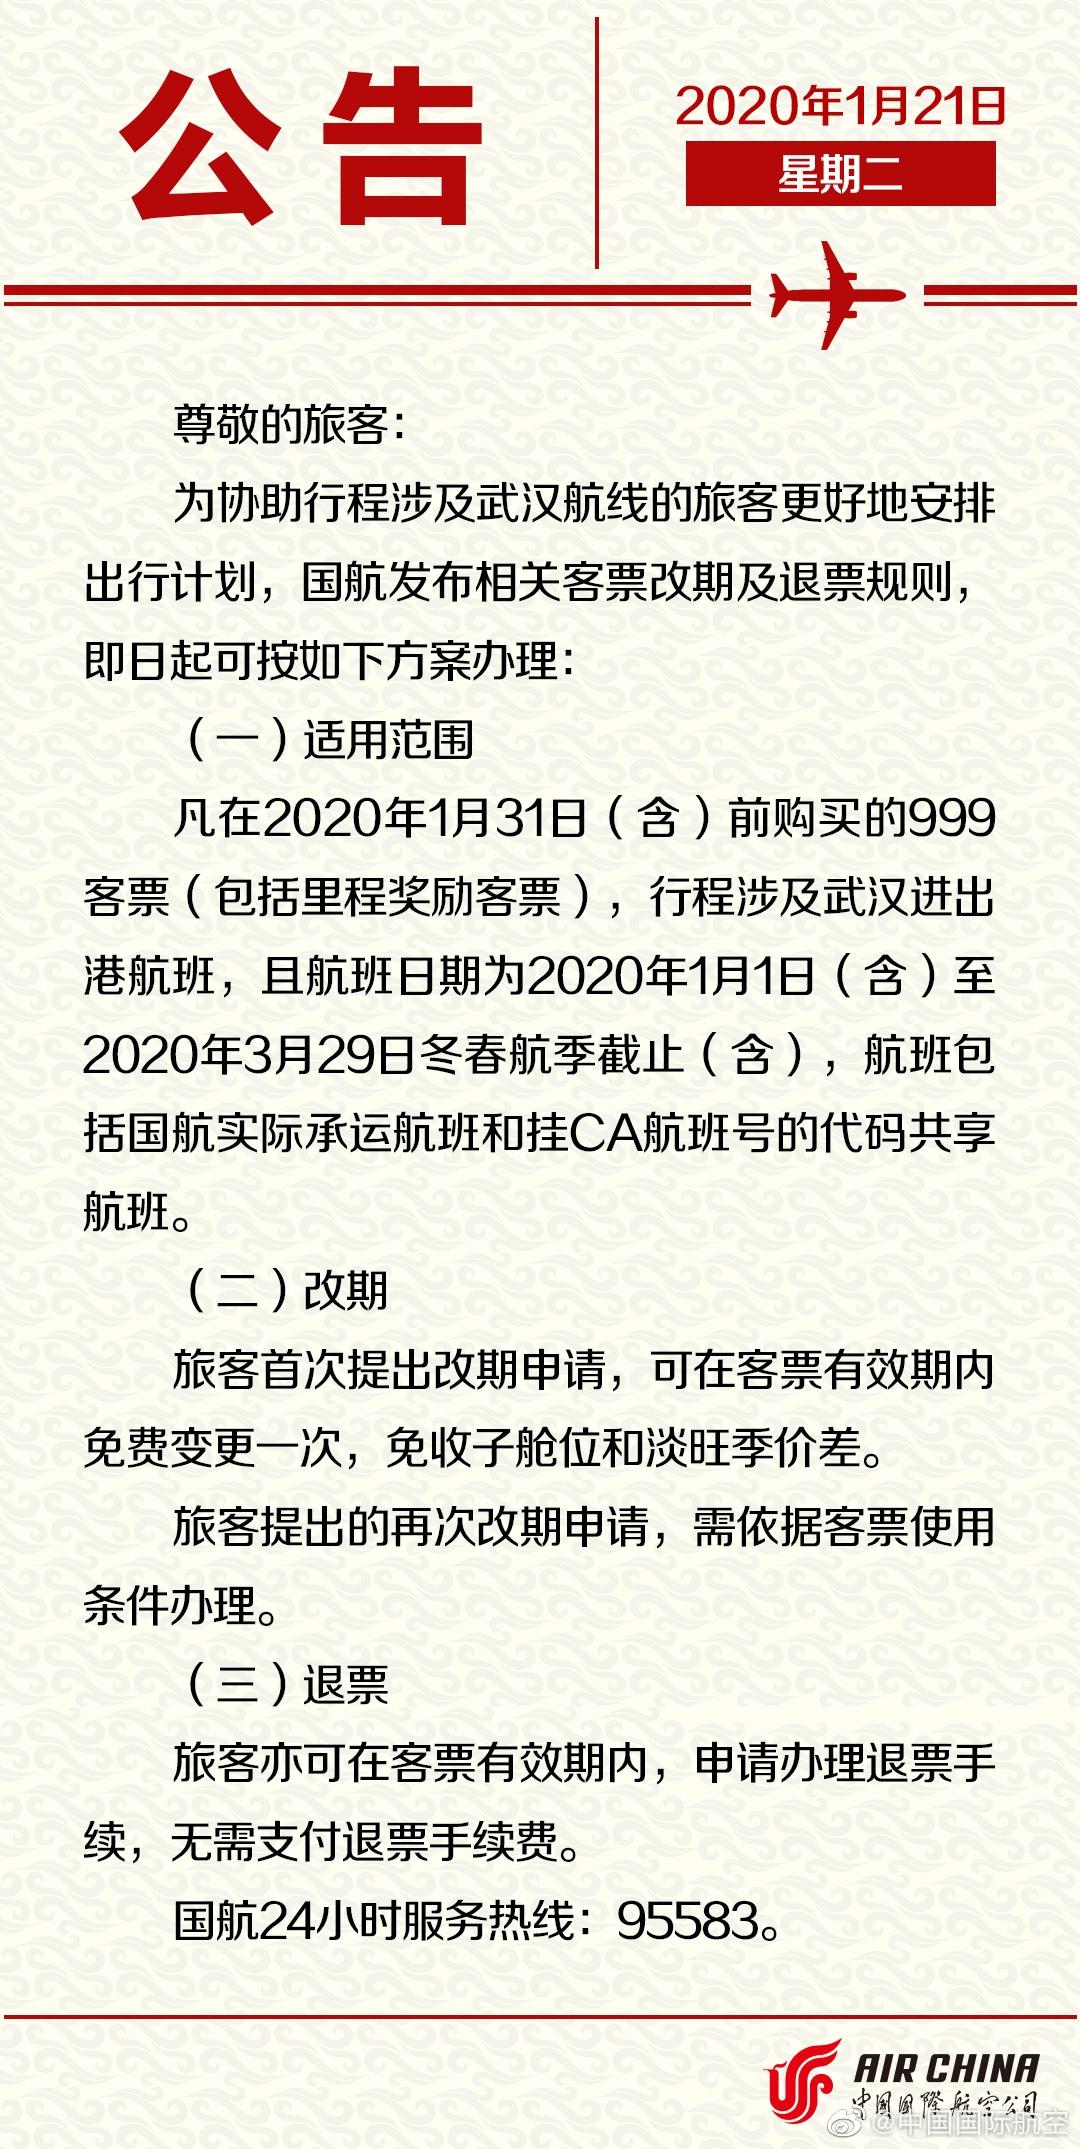 国航涉及武汉航线客票特殊处置方案的通知